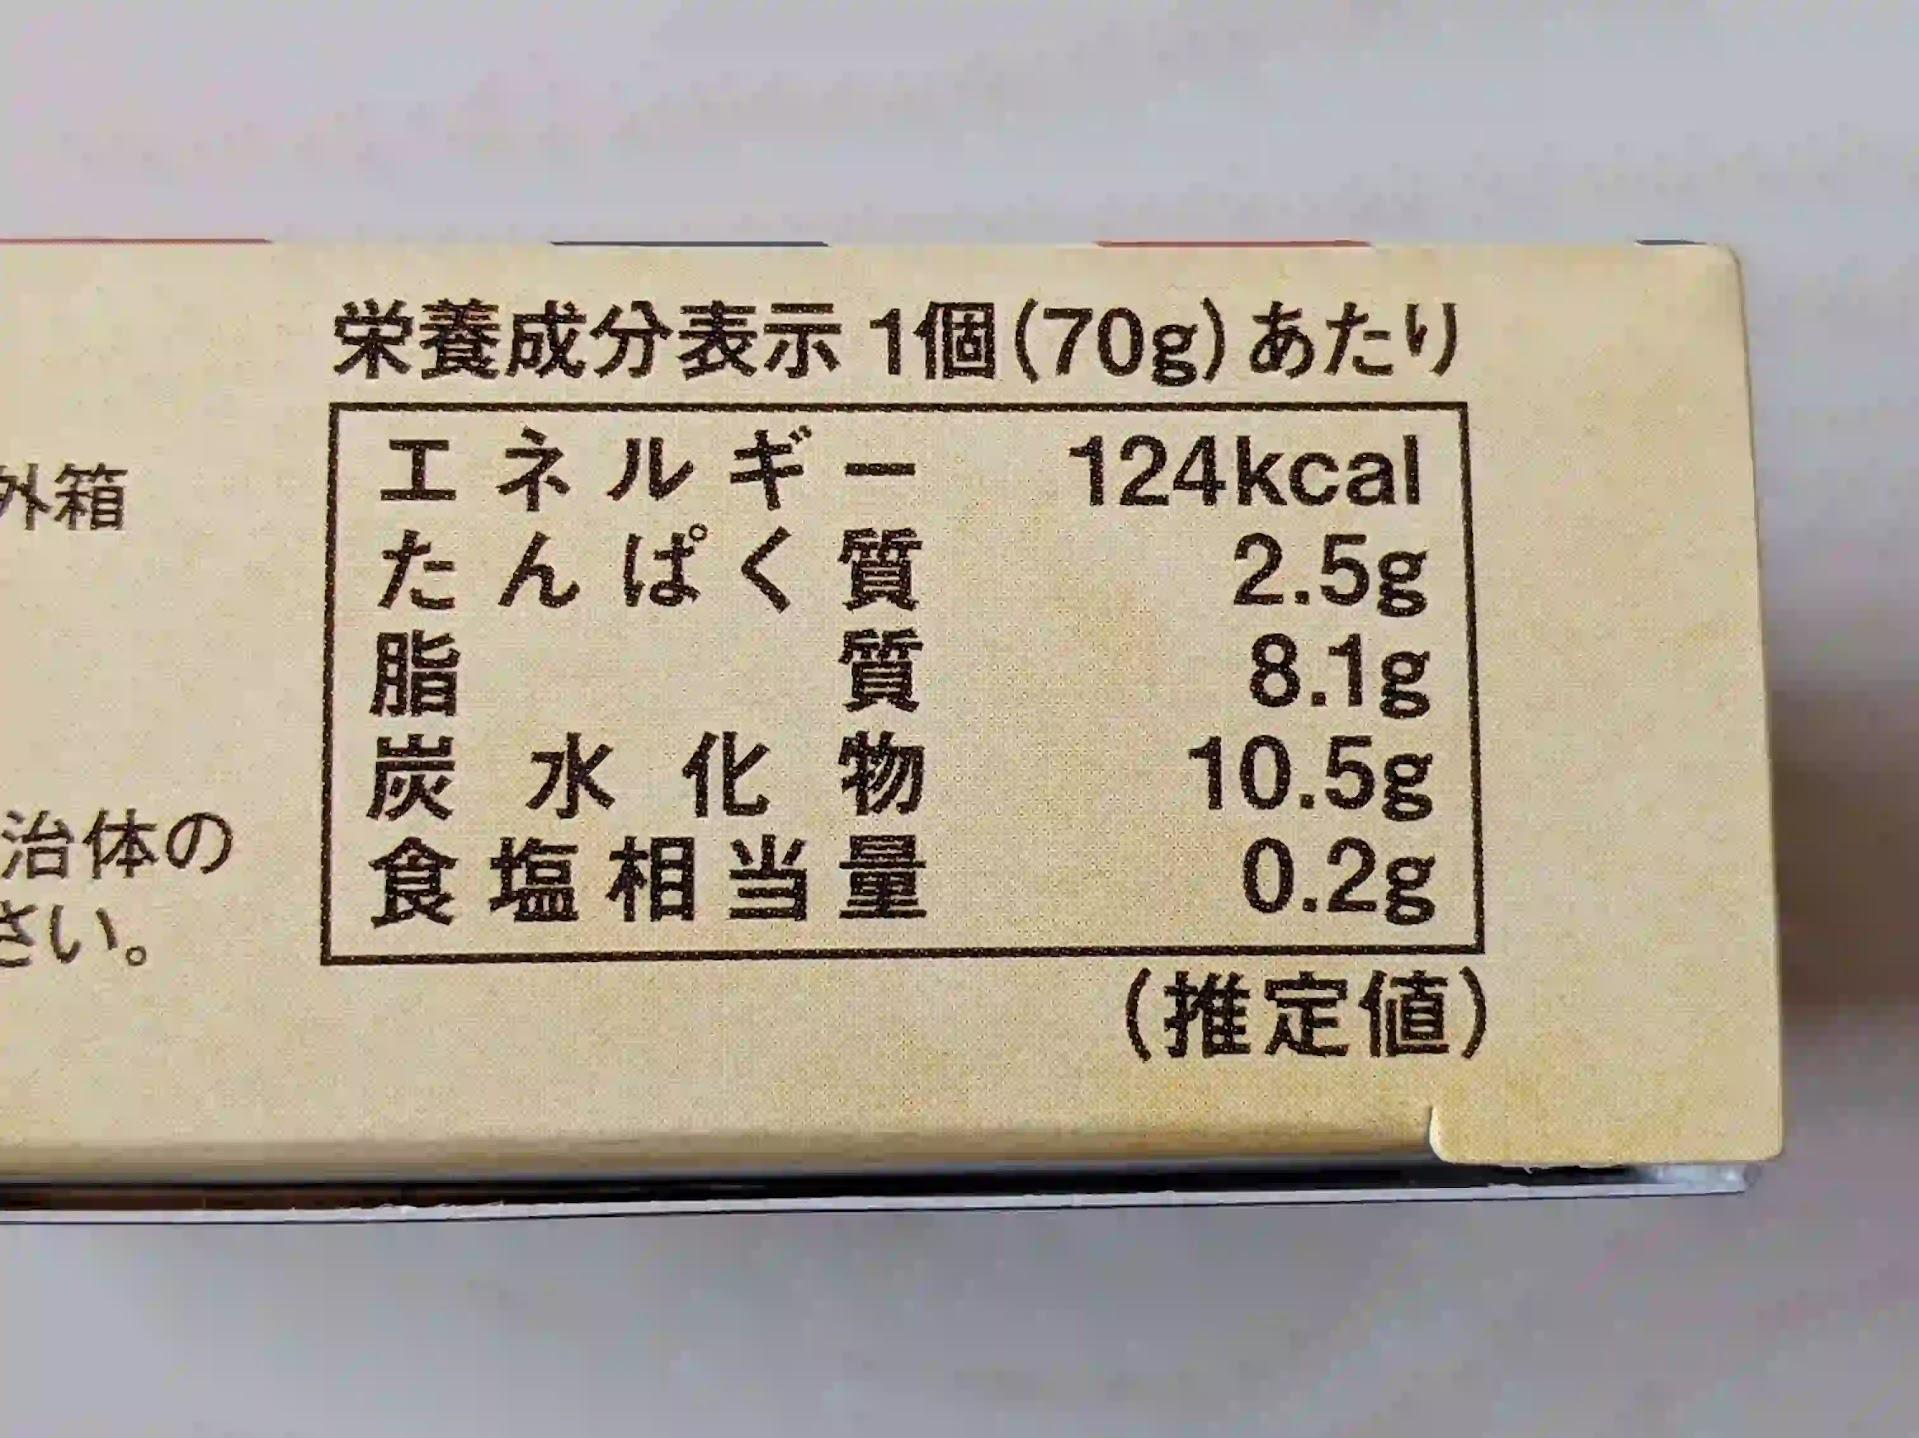 カルディ セリエキスキーズ 塩キャラメルプリン 栄養成分表示